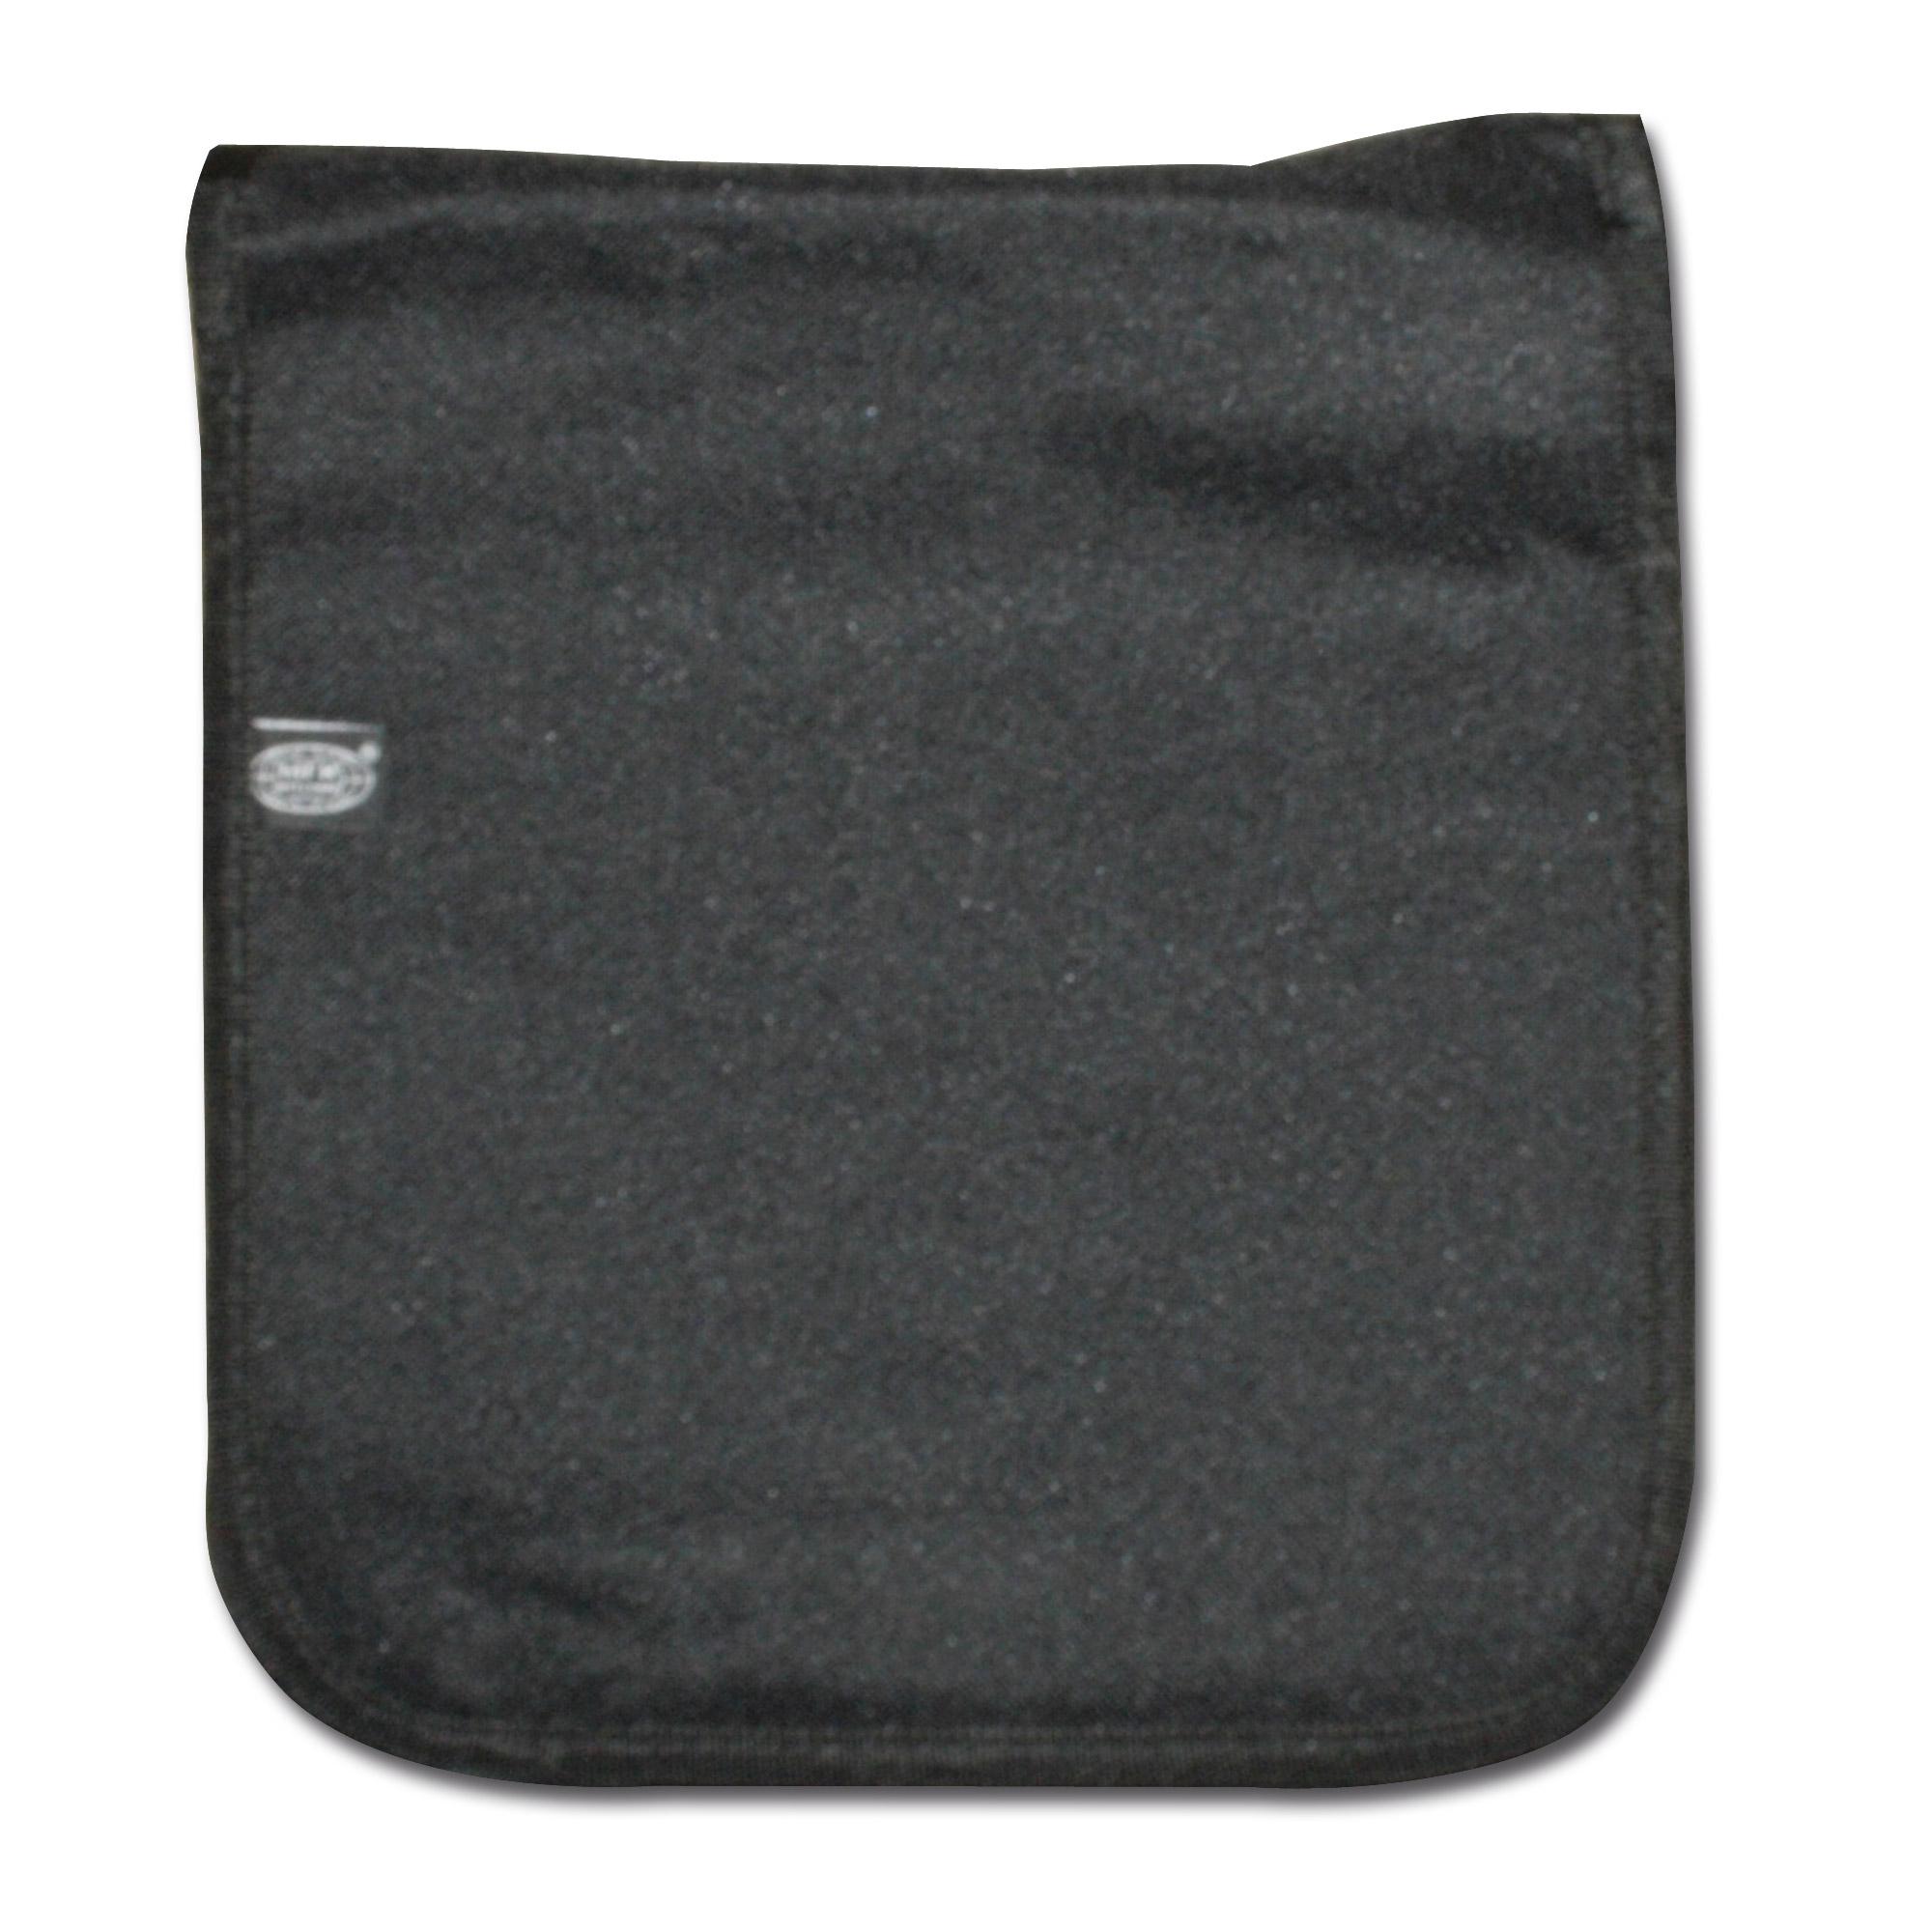 Schulter-Umhängetasche MFH schwarz